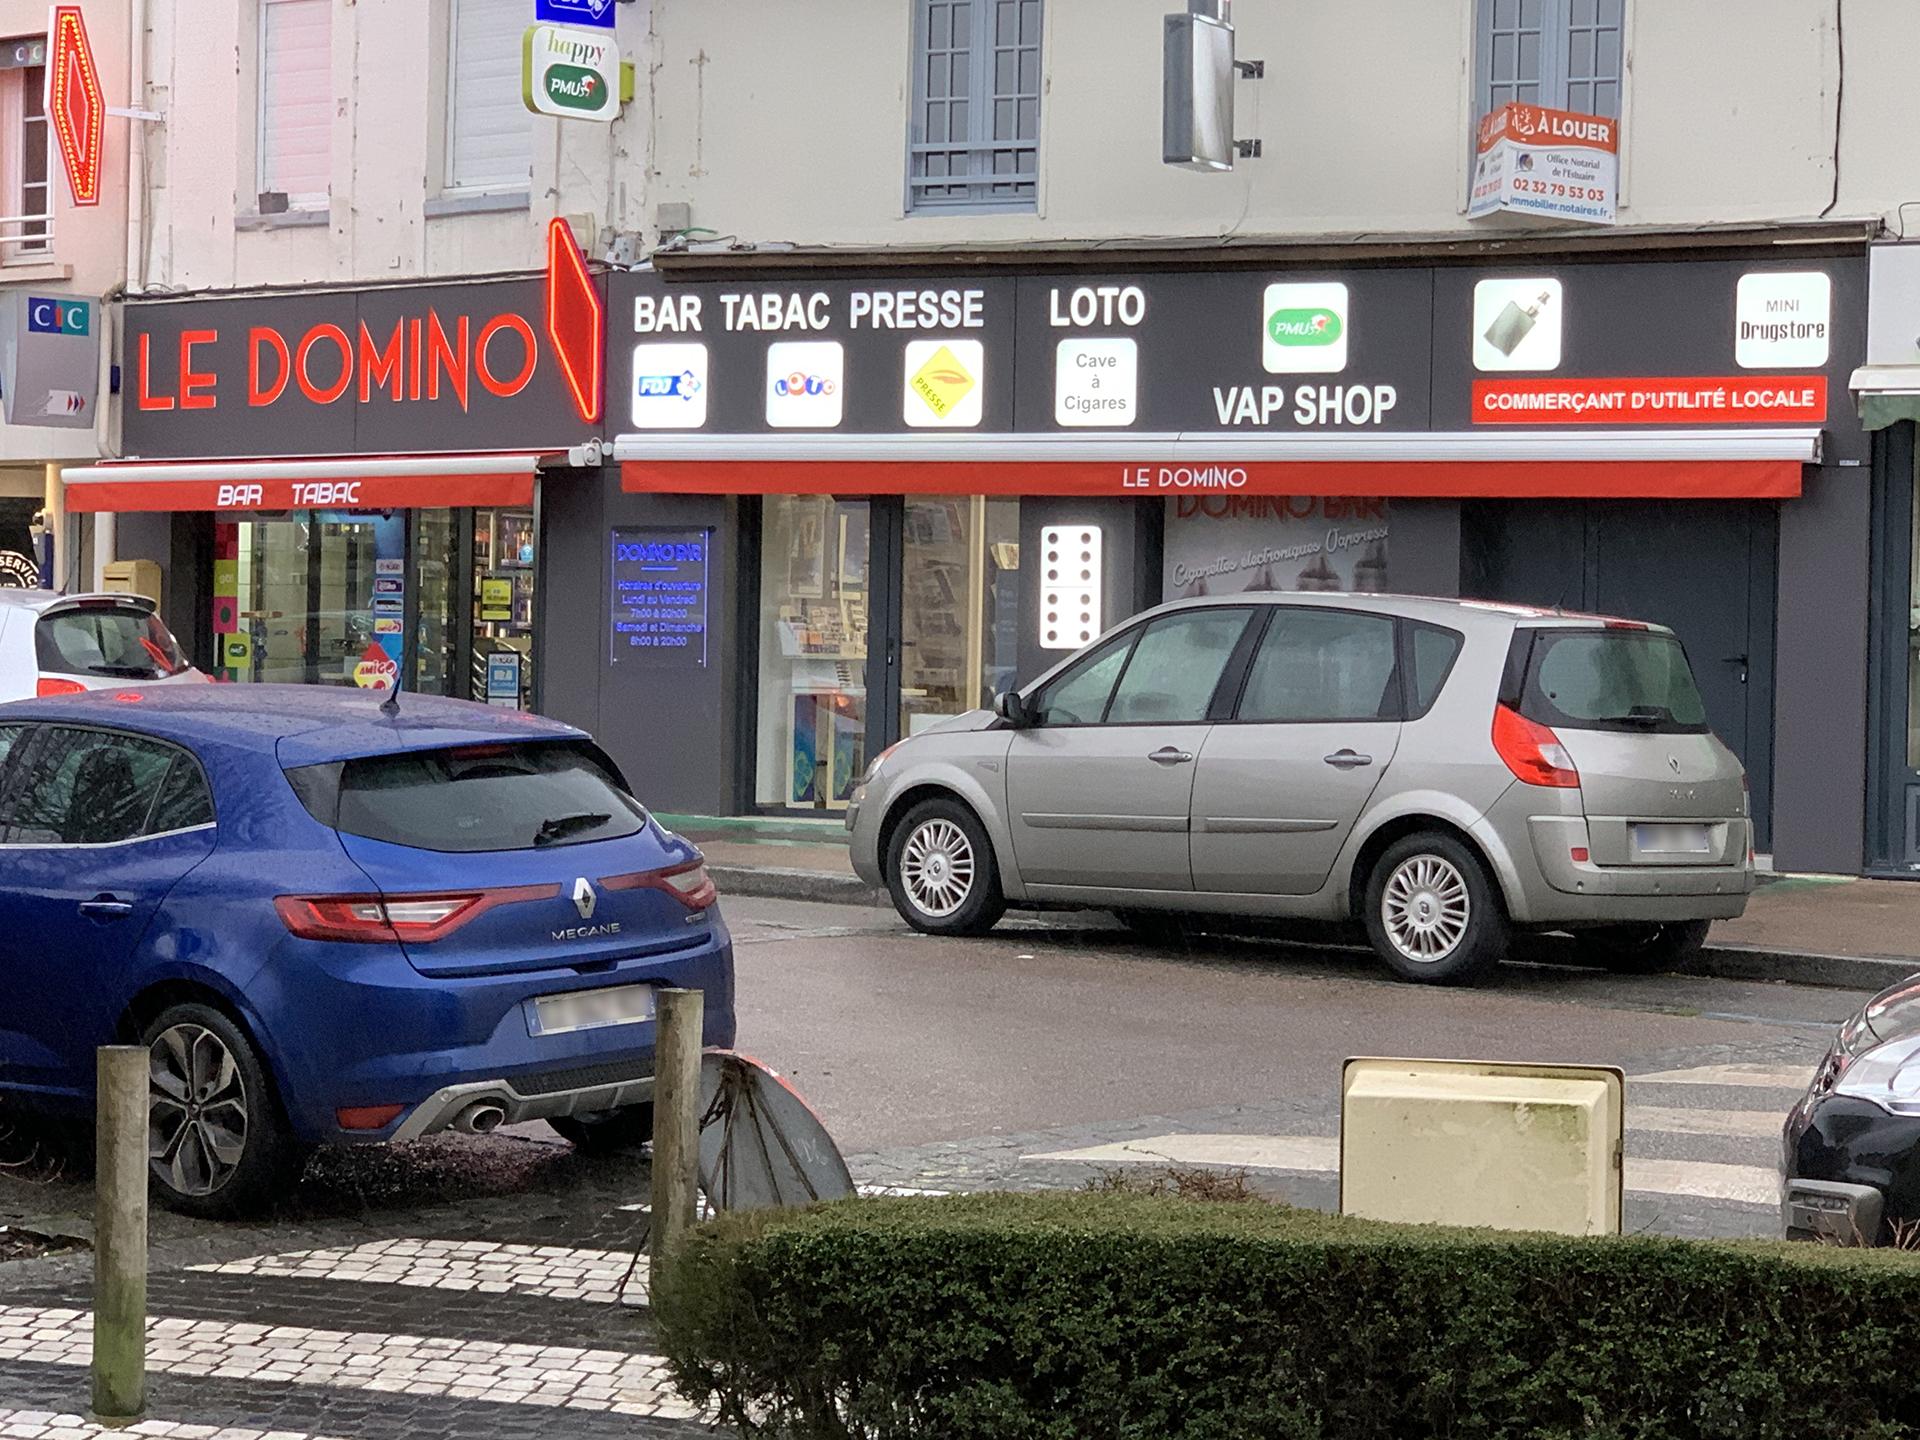 devanture-tabac-presse-domino-bar-goderville / a2m diffusion